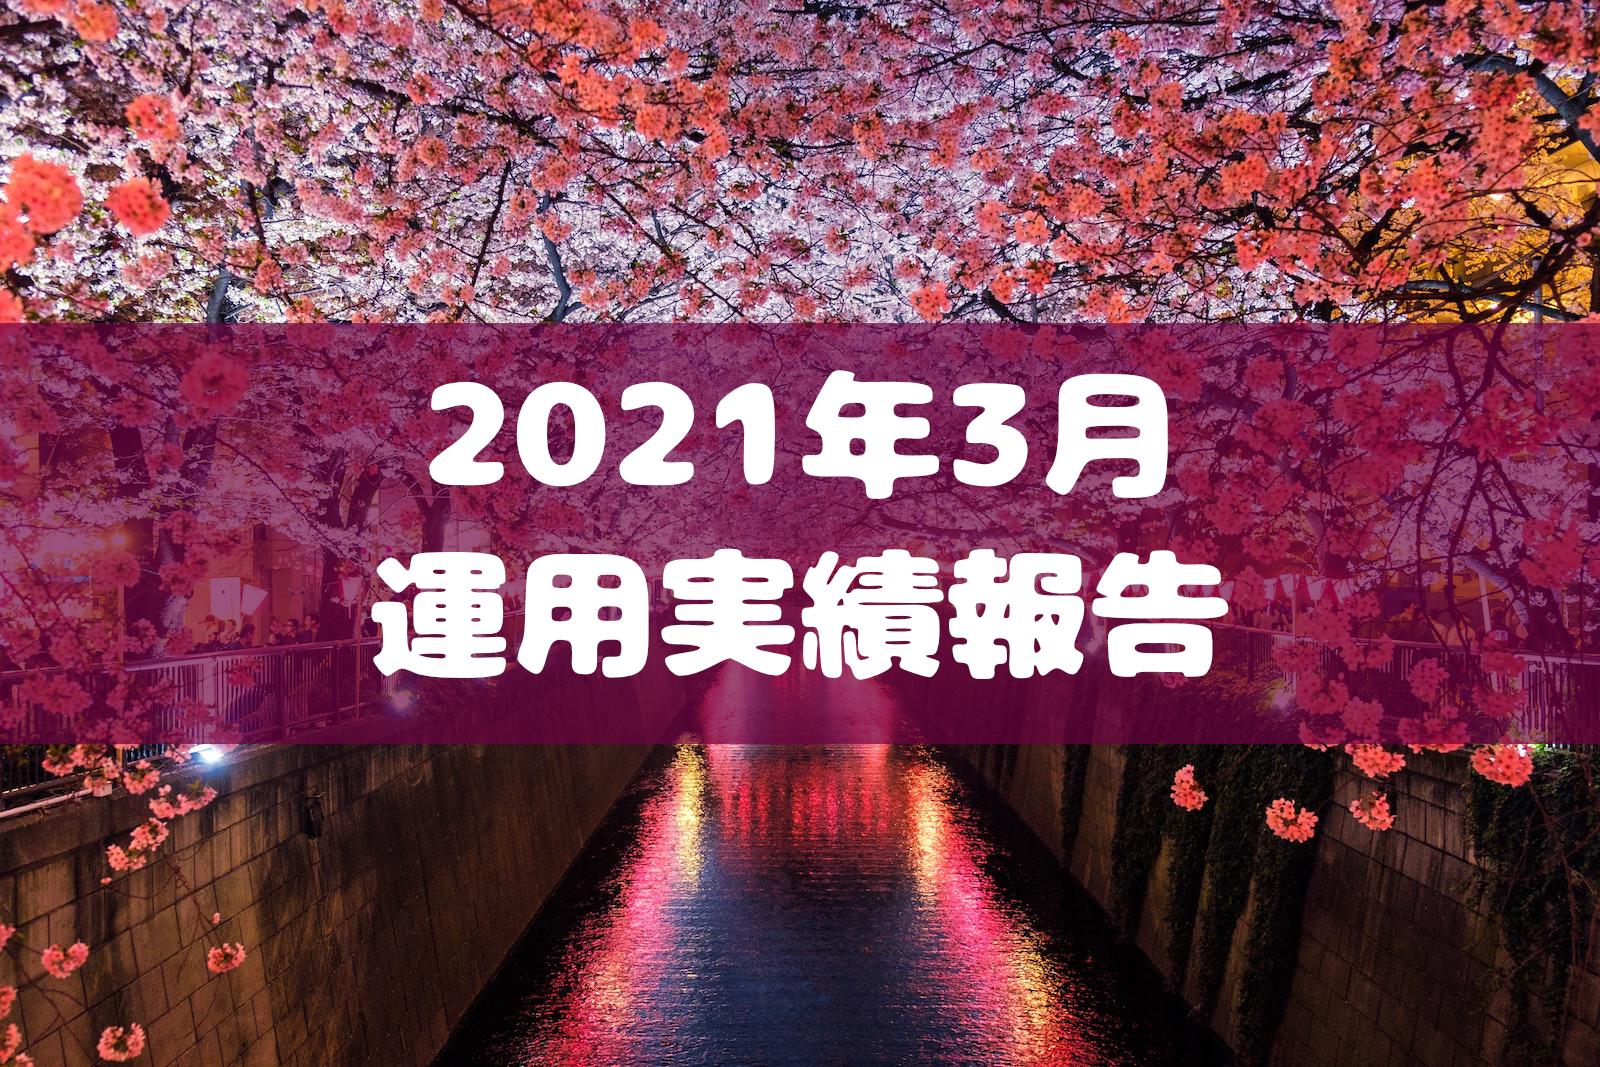 2021年3月運用実績報告